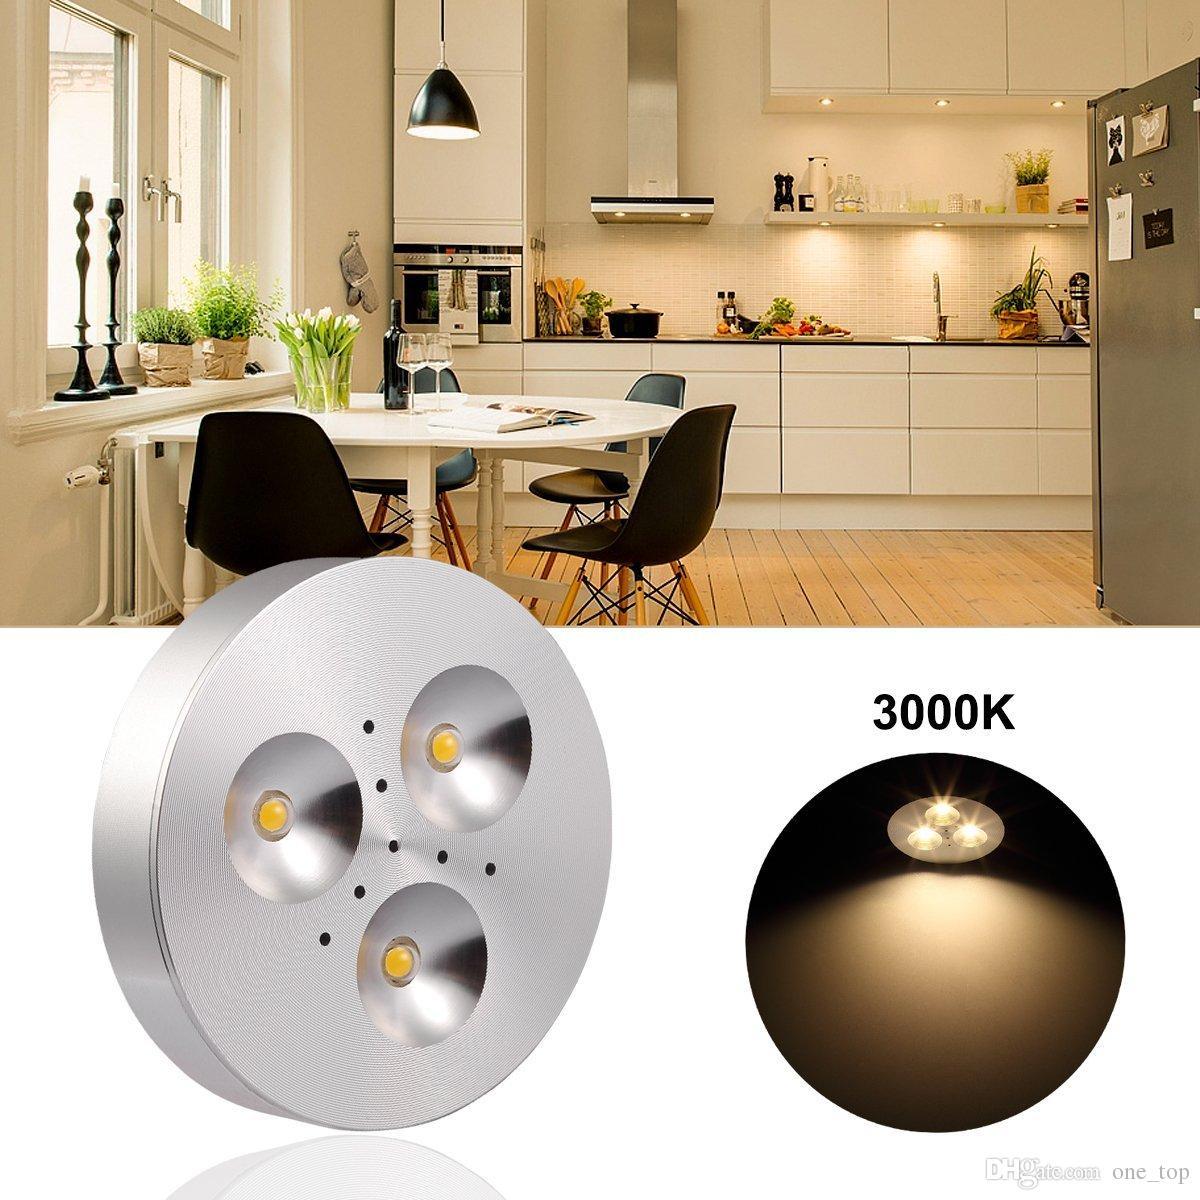 3w Led Under Cabinet Lighting Kitchen Cabinet Lighting Led Wardrobe Light  Warm White 300~330lm Cabinet Lights Ac 85 265v 240v Downlights Large  Downlights ...